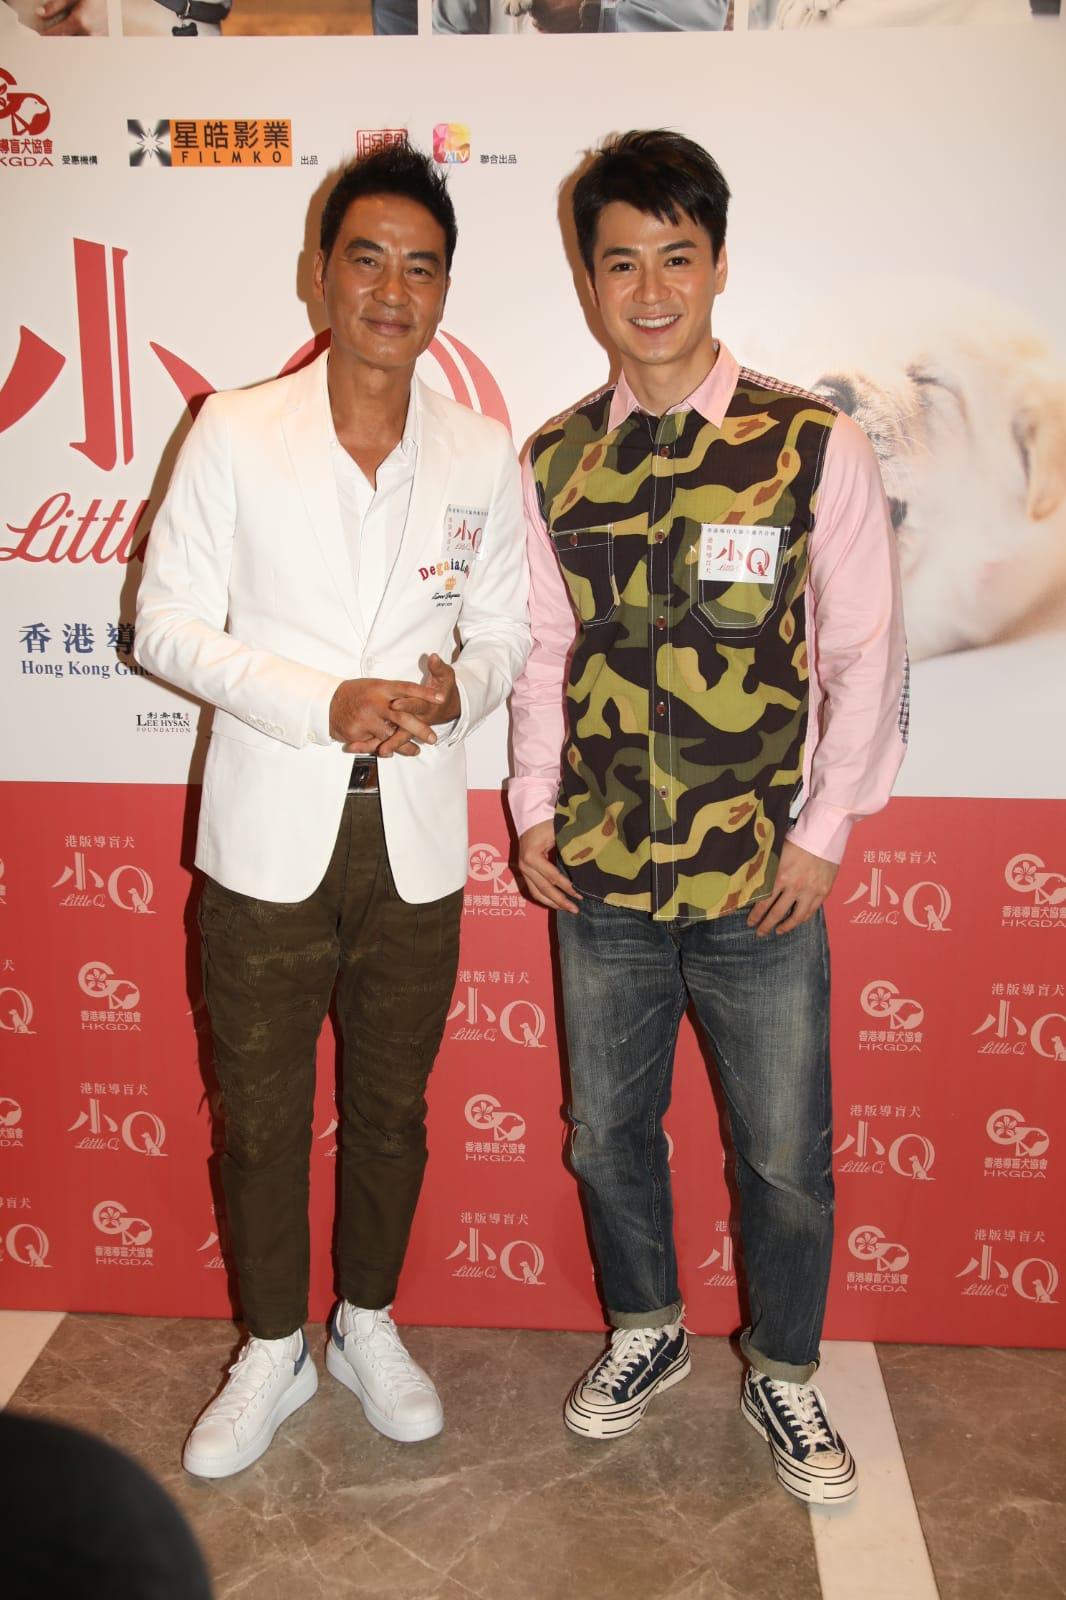 任達華(左)、羅仲謙(右)出席電影《小Q》慈善首映禮。